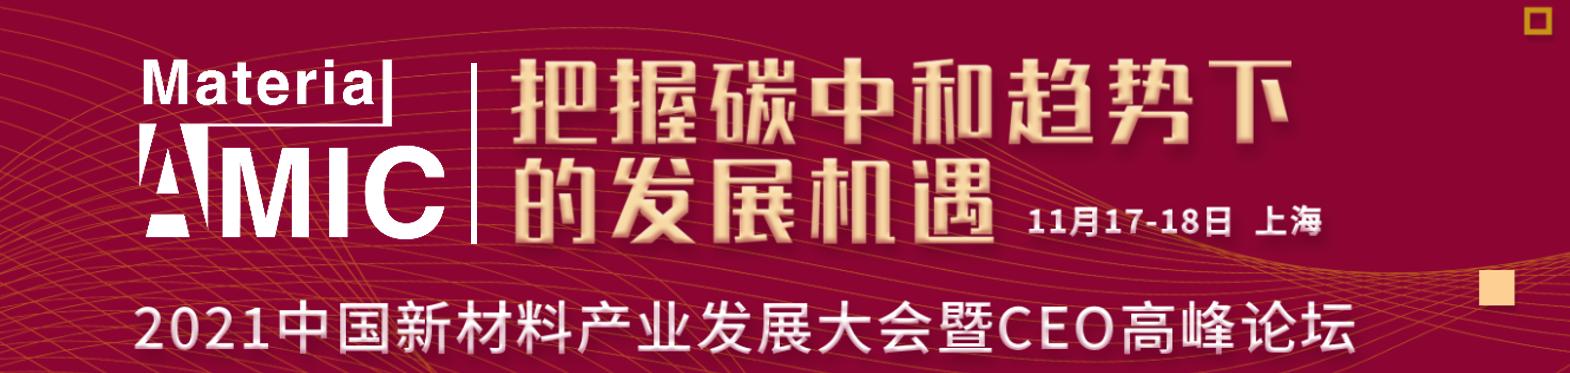 中国新材料产业发展大会